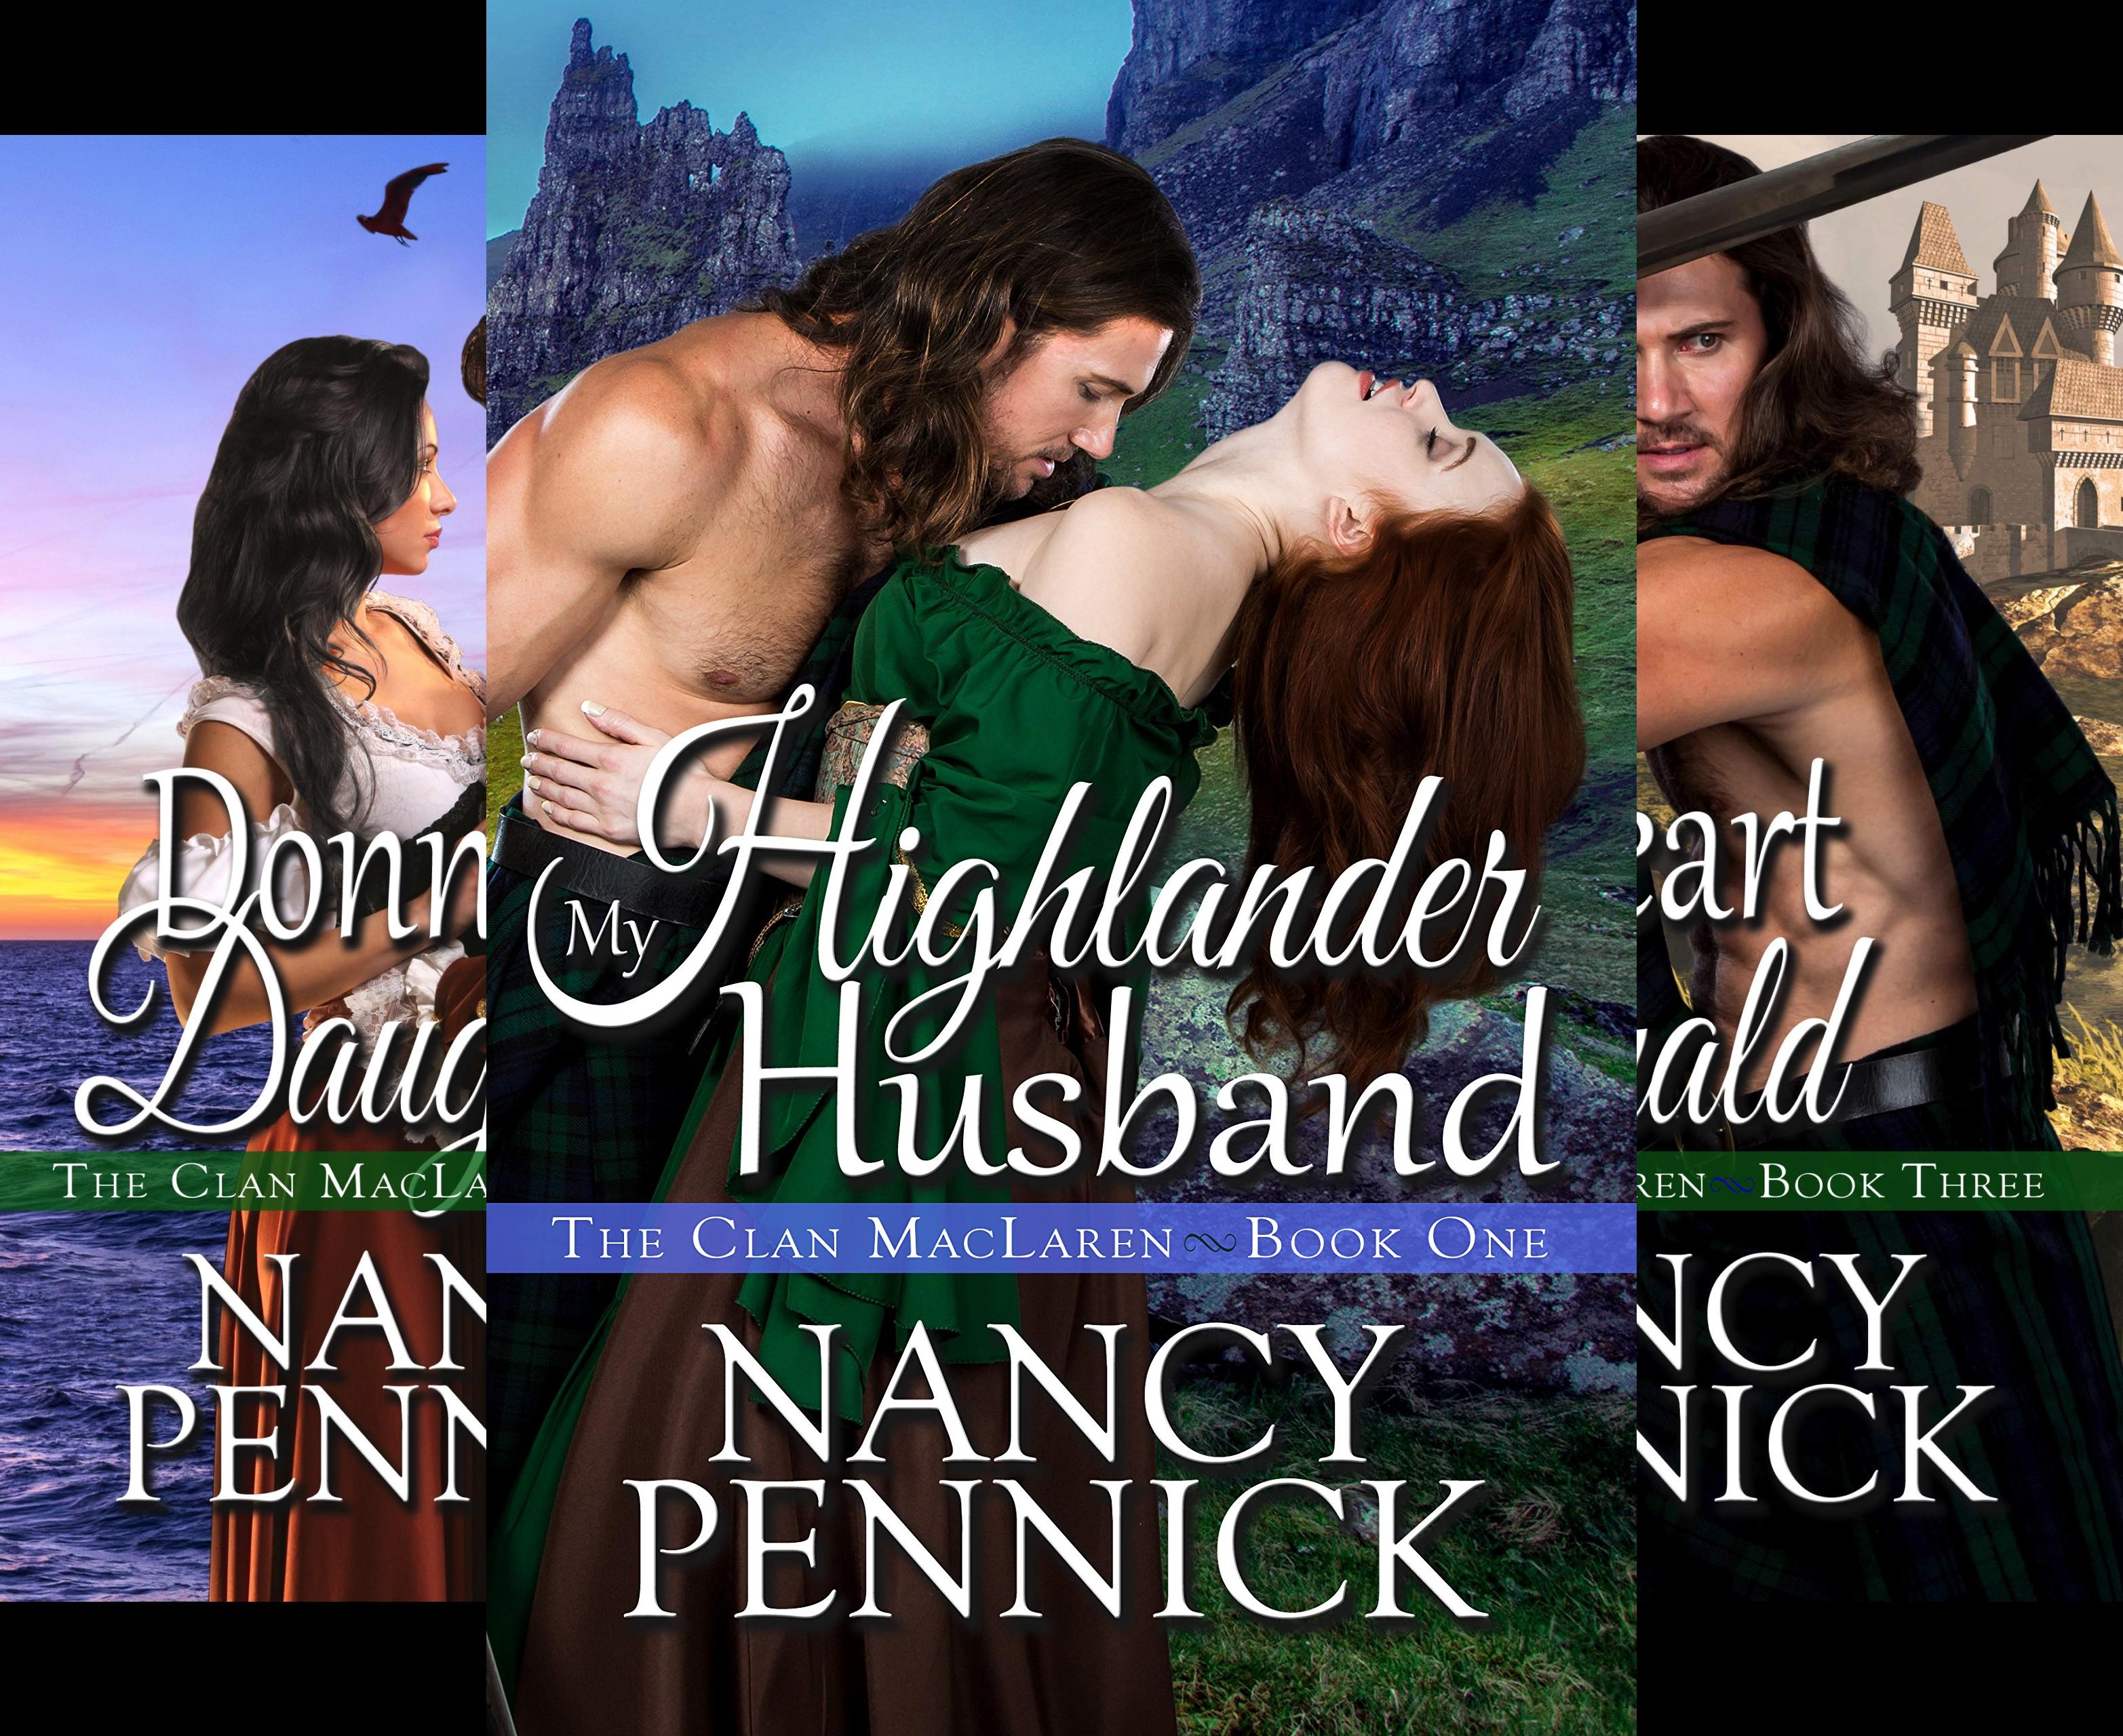 The Clan MacLaren (3 Book Series)